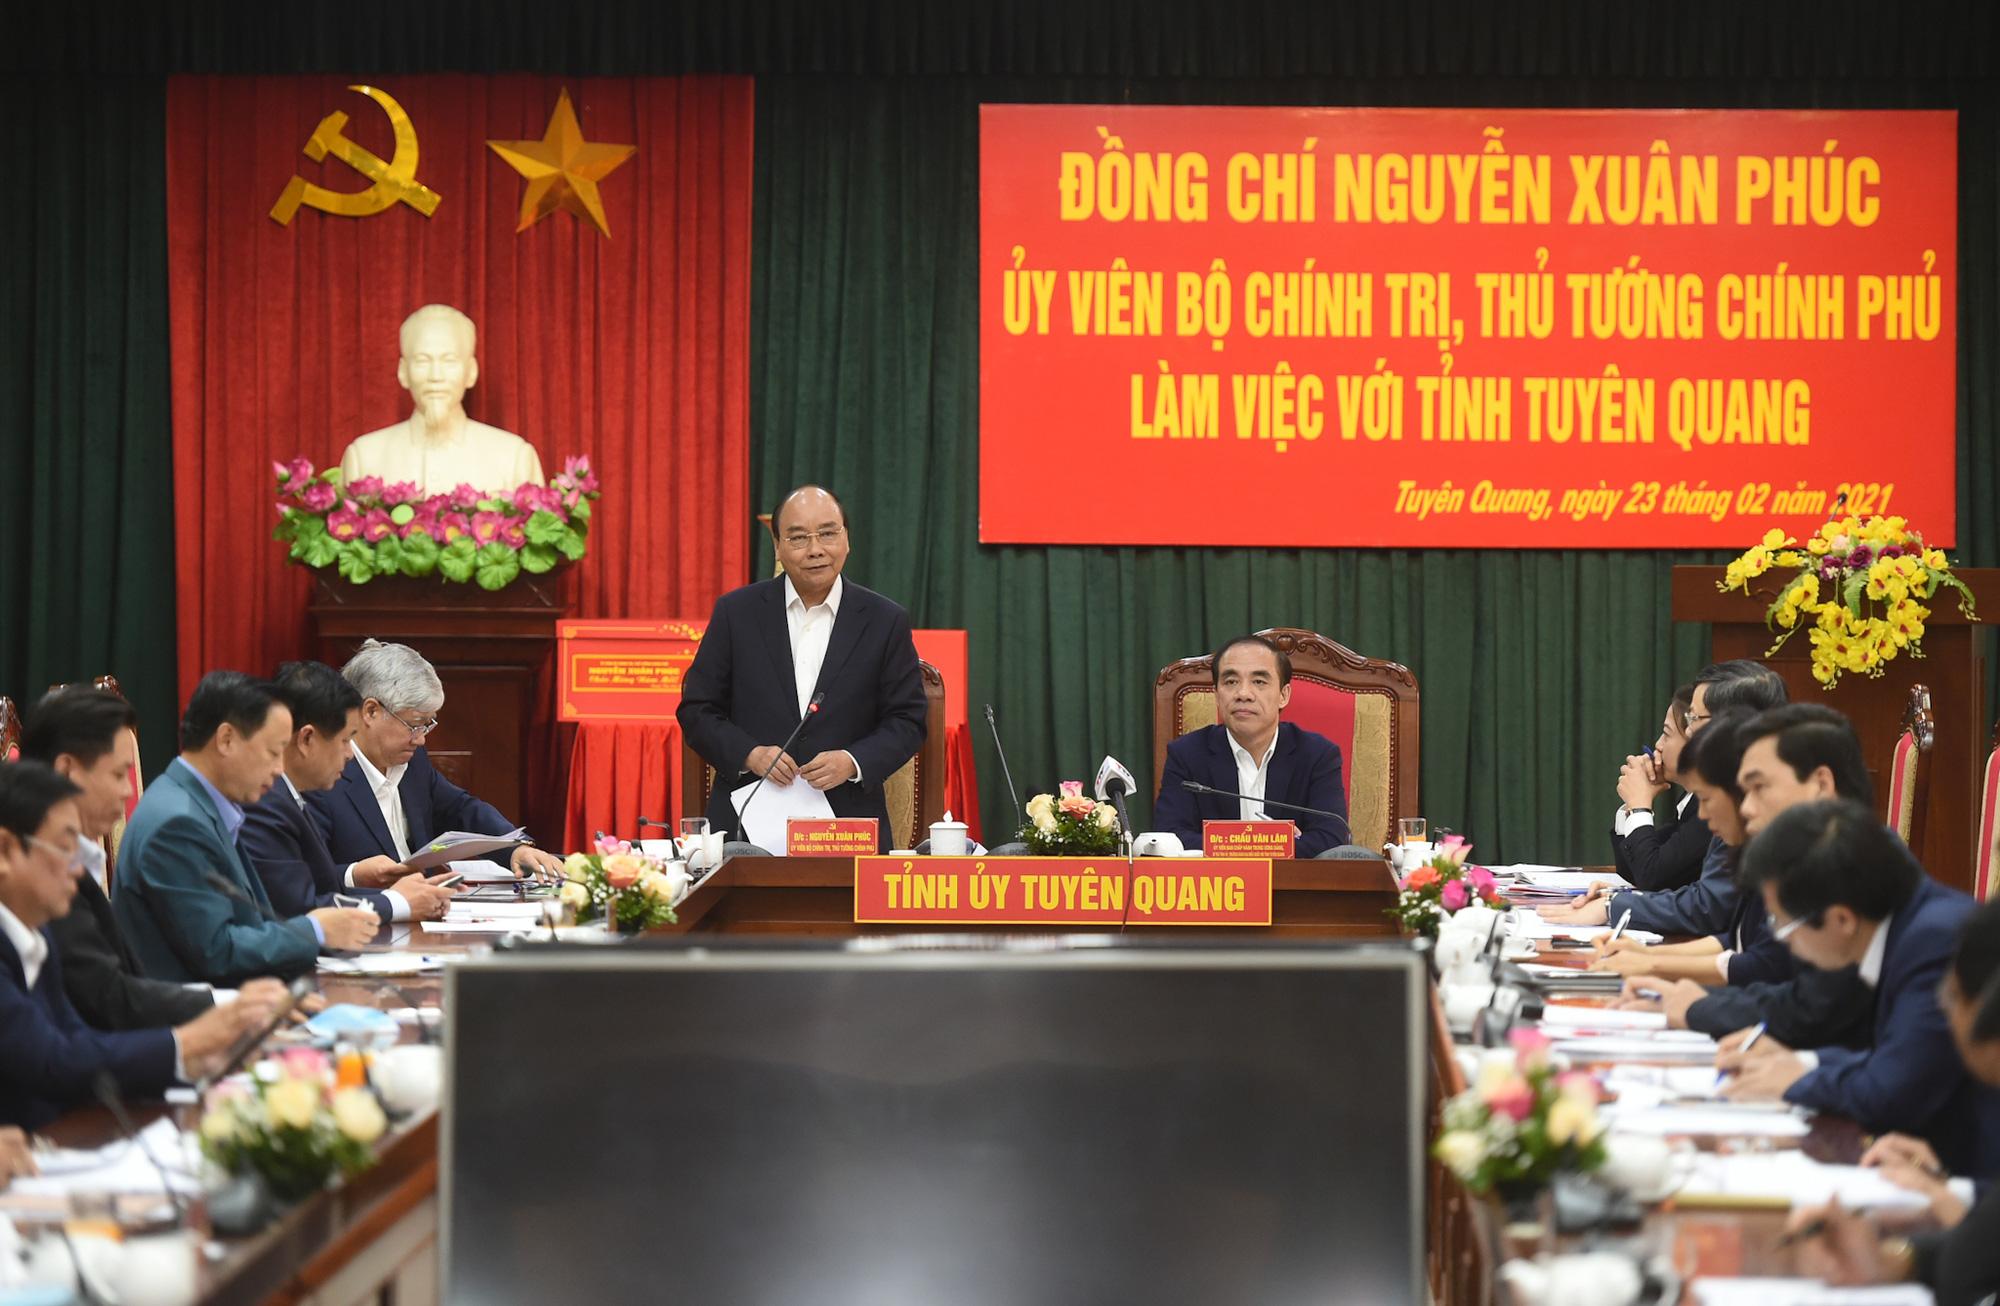 Thủ tướng: Tuyên Quang phải trở thành cứ điểm quan trọng của ngành gỗ Việt Nam - Ảnh 1.